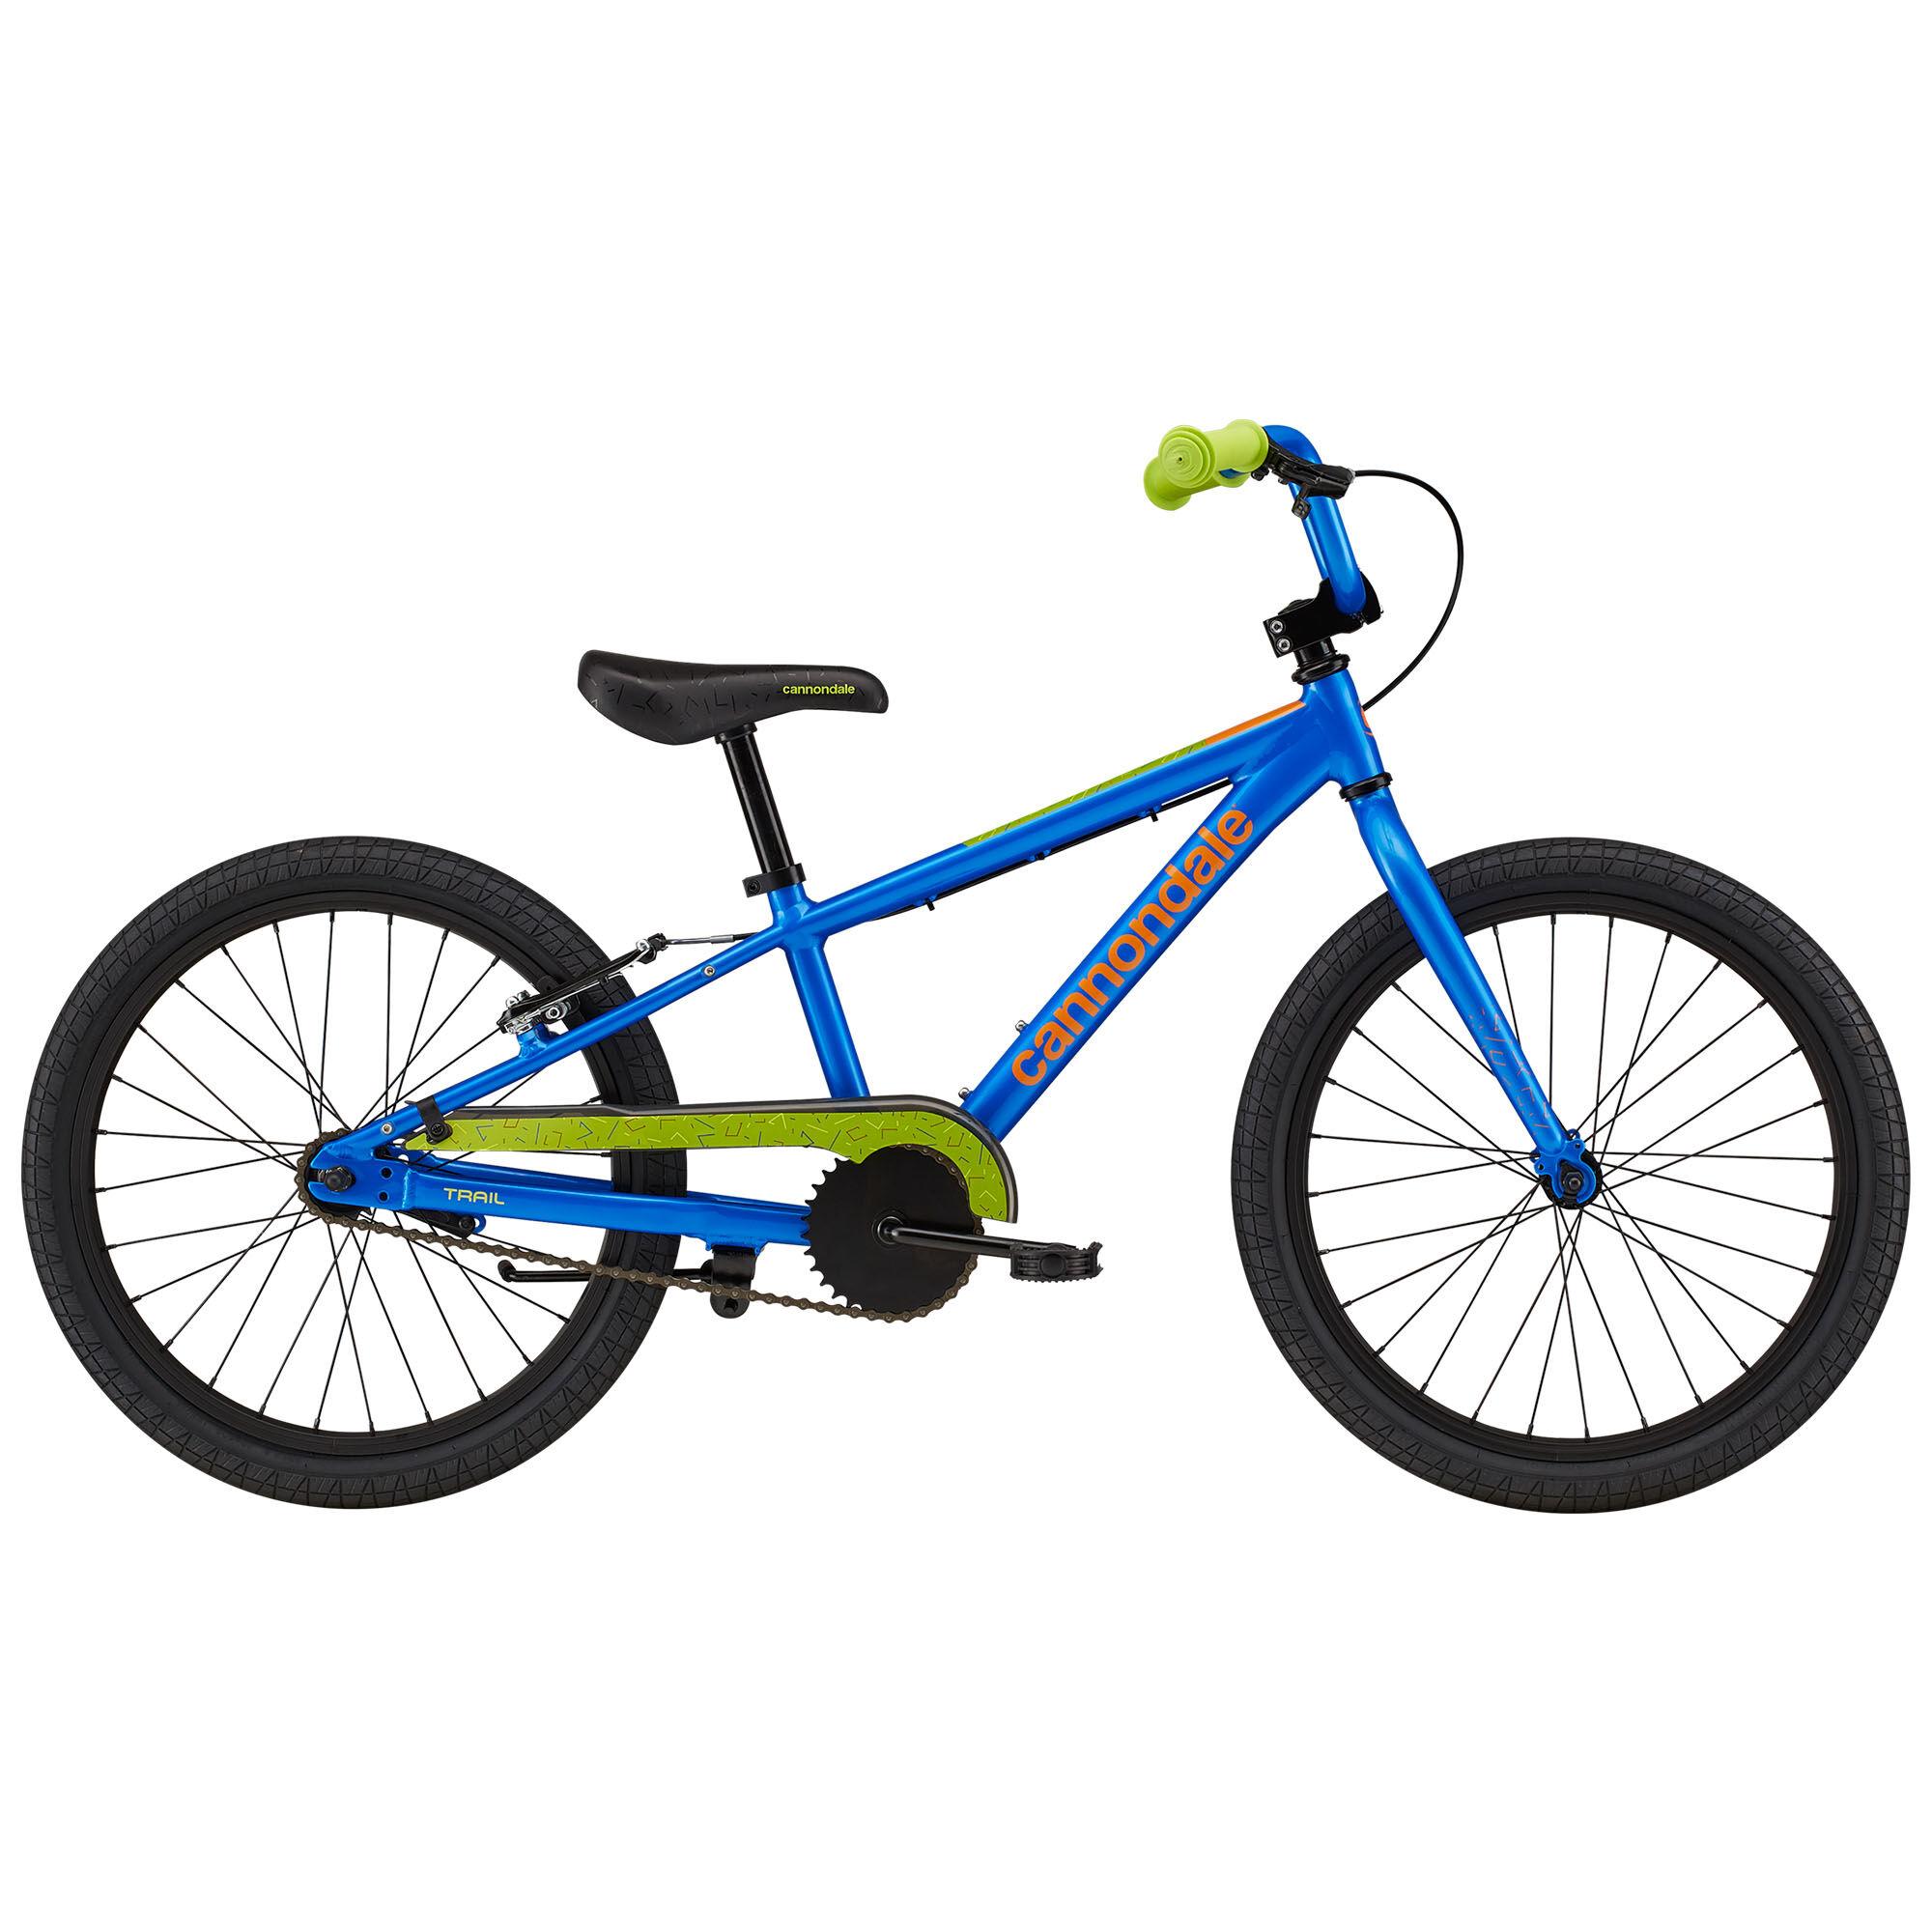 Cannondale Boy's Kids Trail Single-Speed 20 Sidewalk Bike '21  - Acid Red - Size: 20